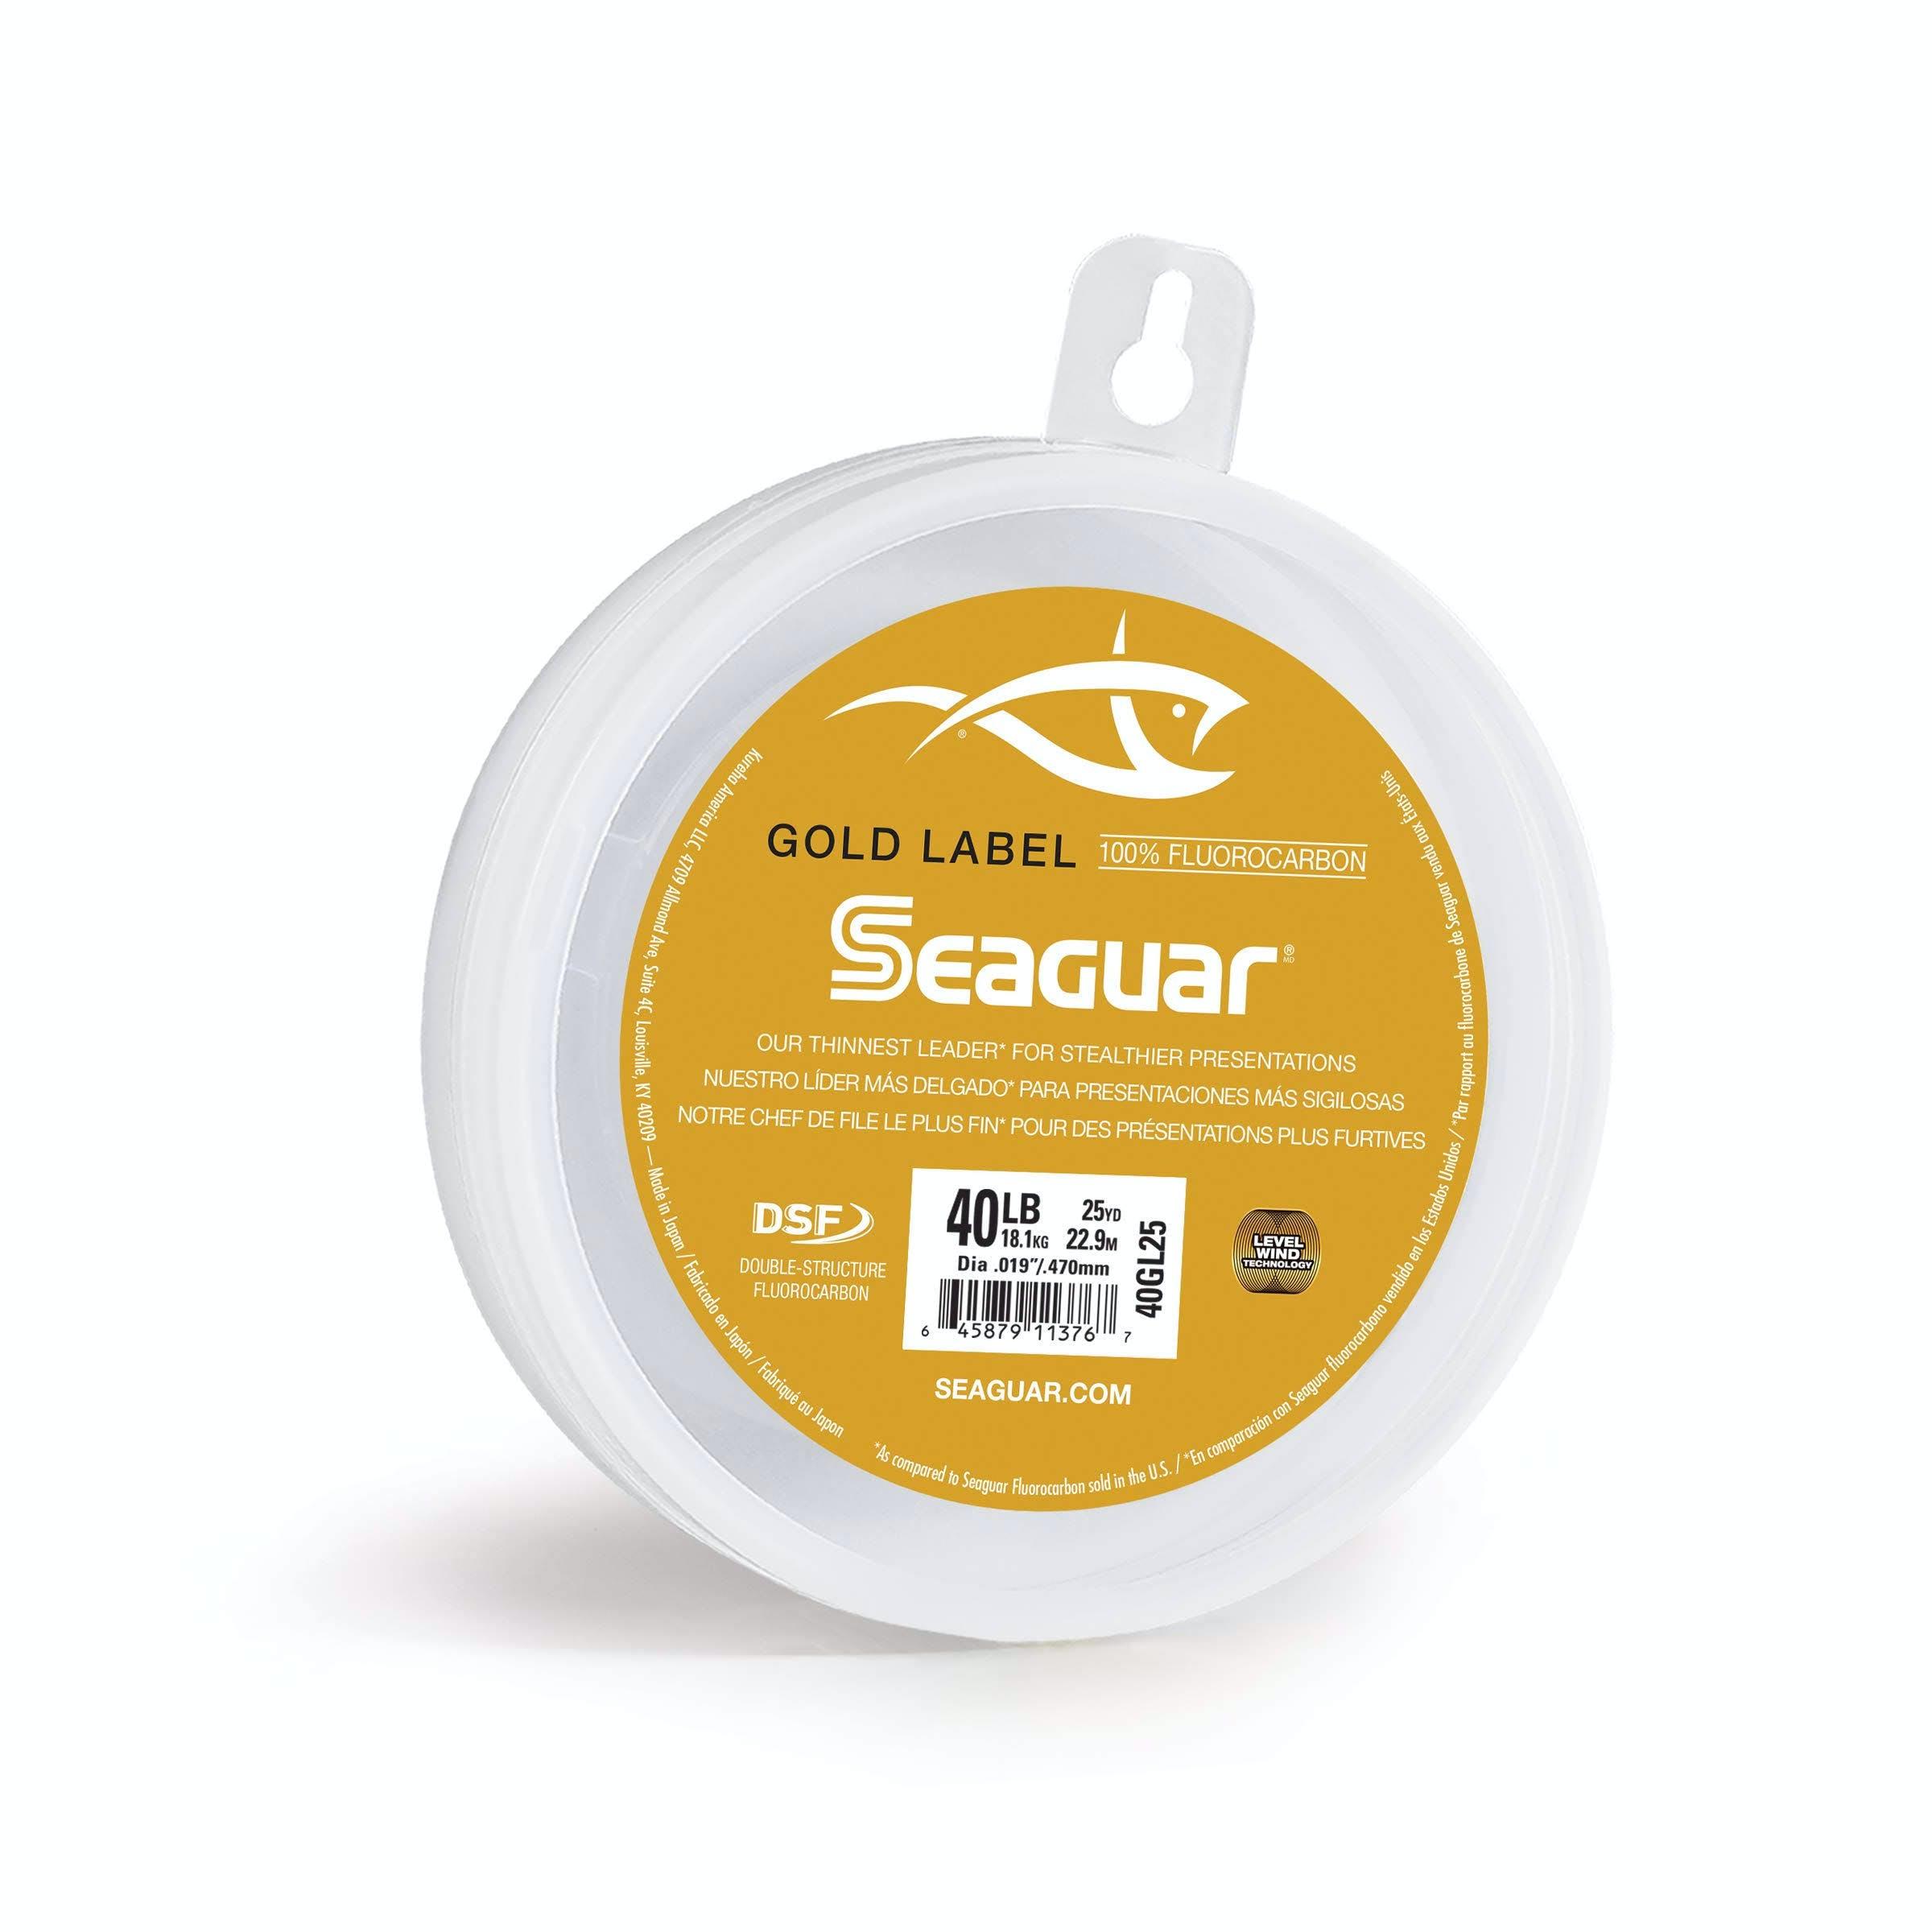 Seaguar 20GL25 Gold Label 25 Flourocarbon Leader